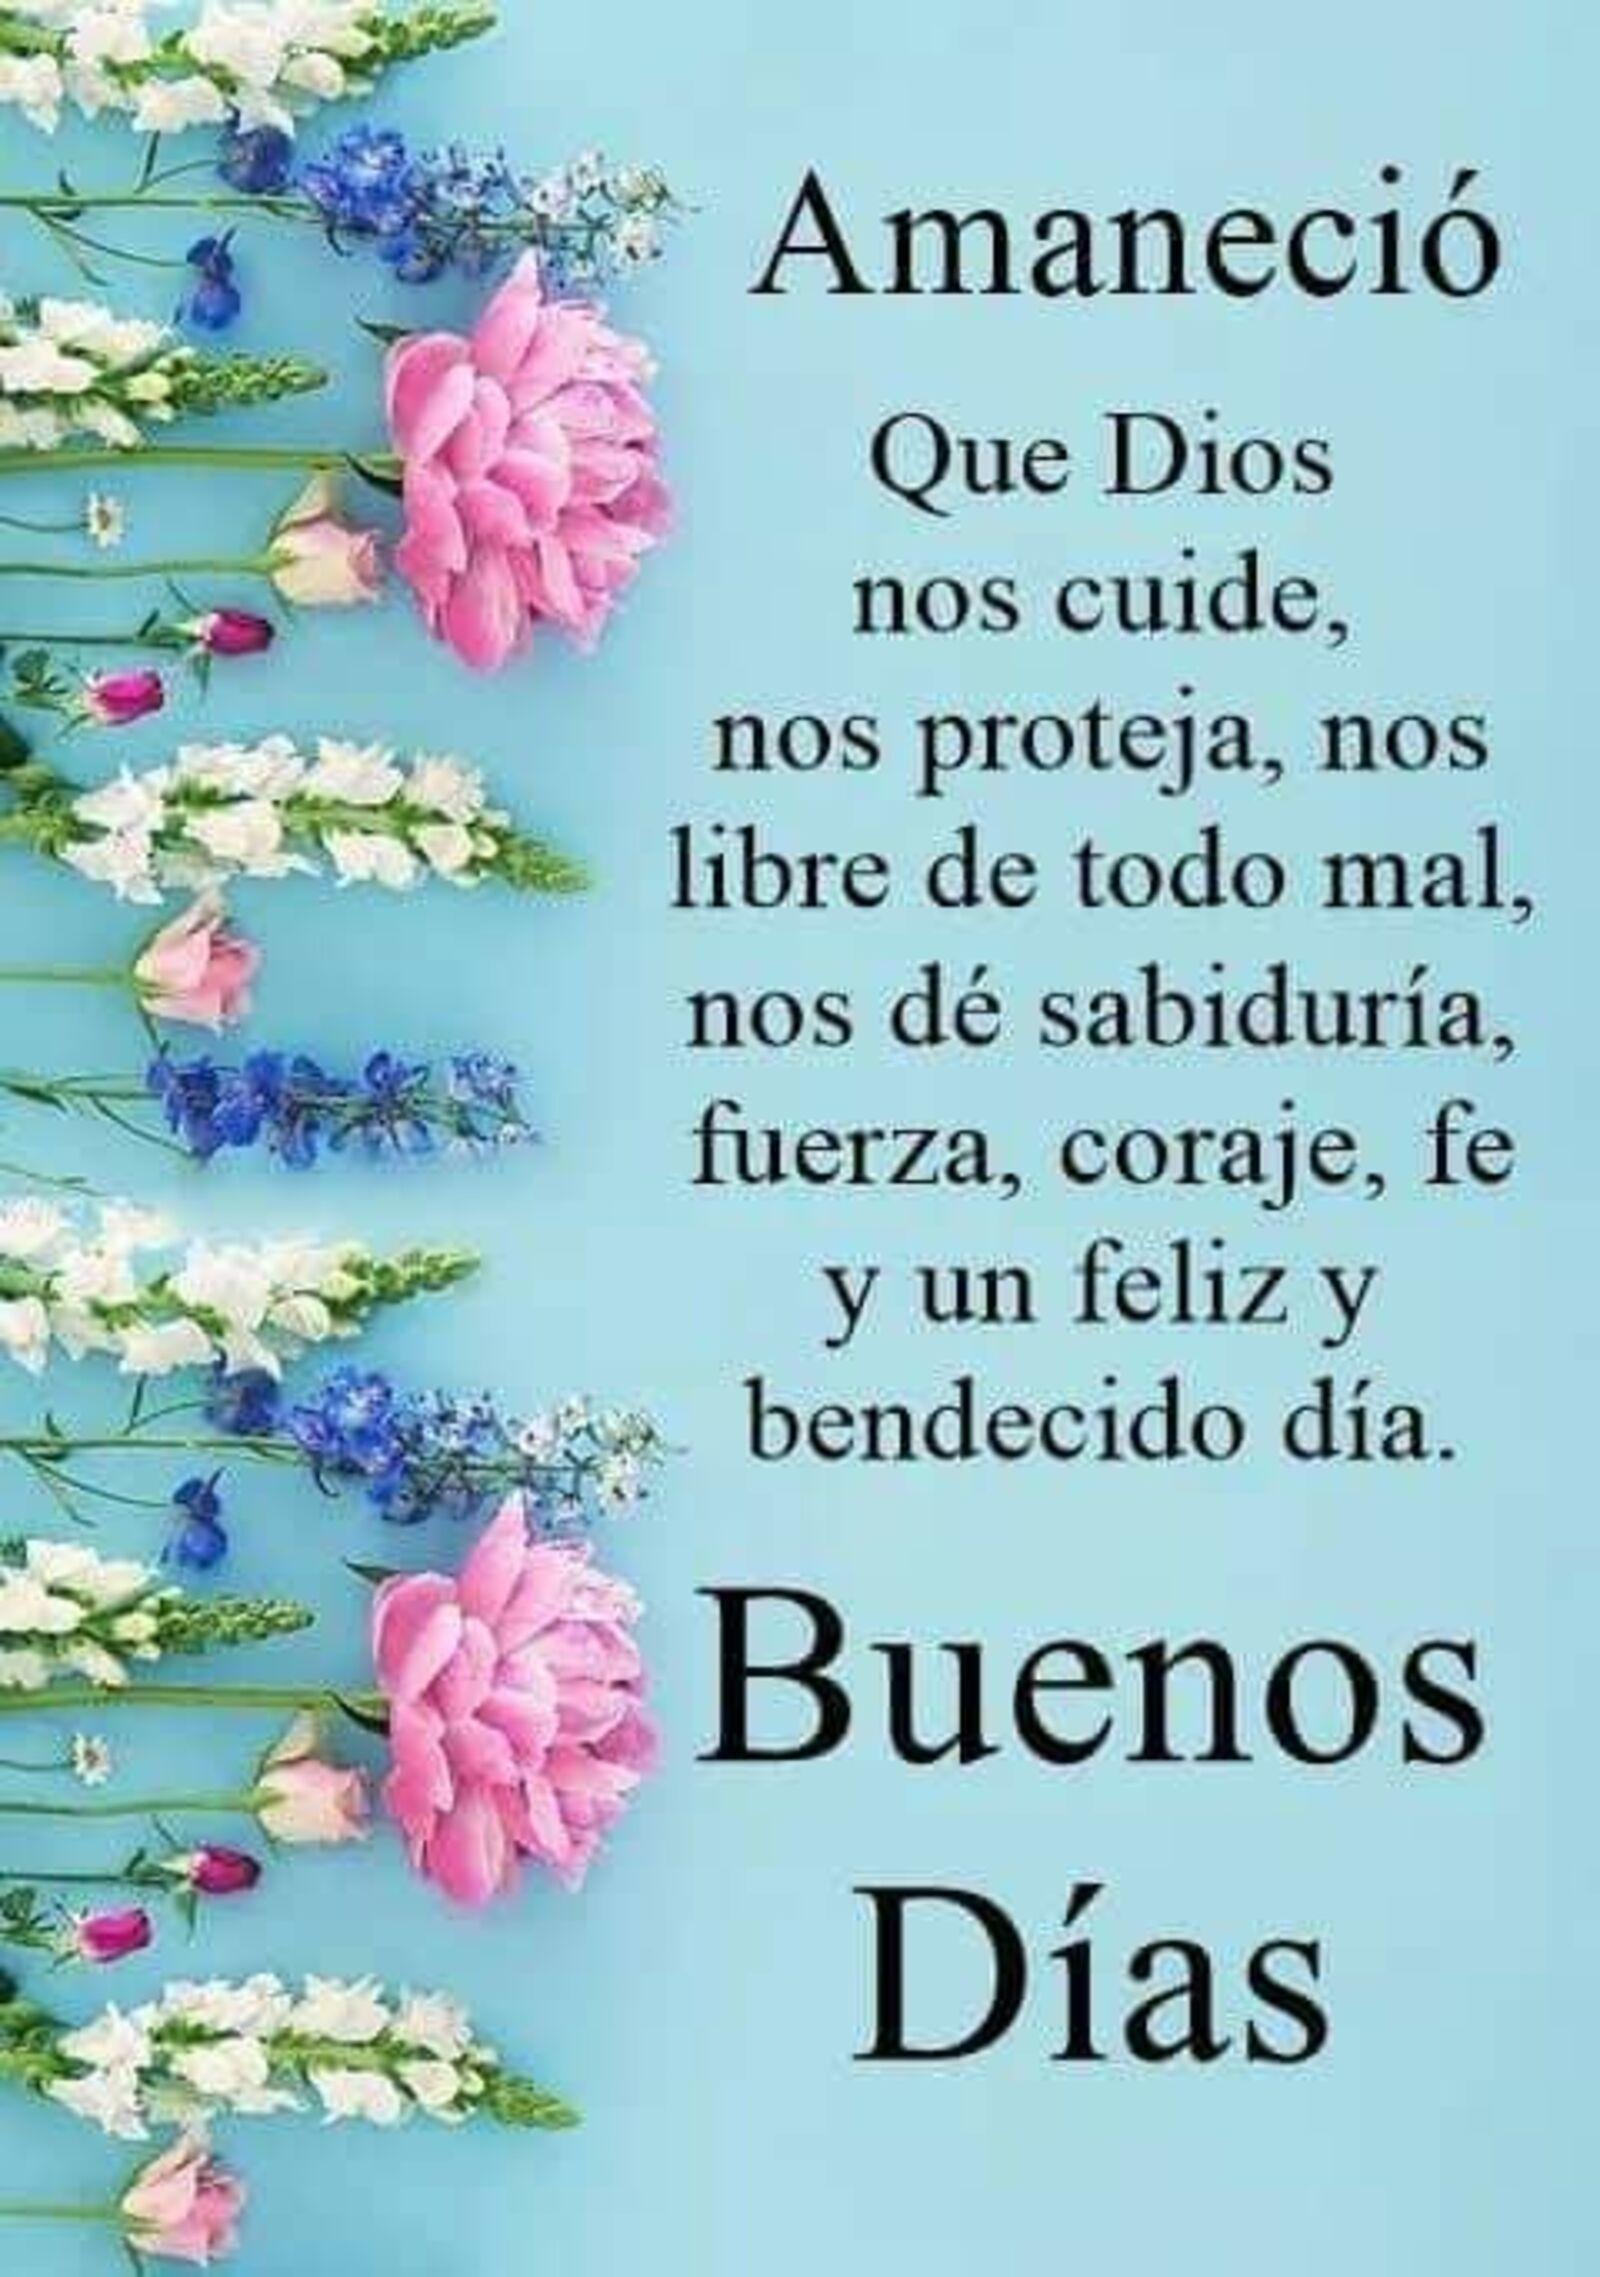 Buenos días con Dios